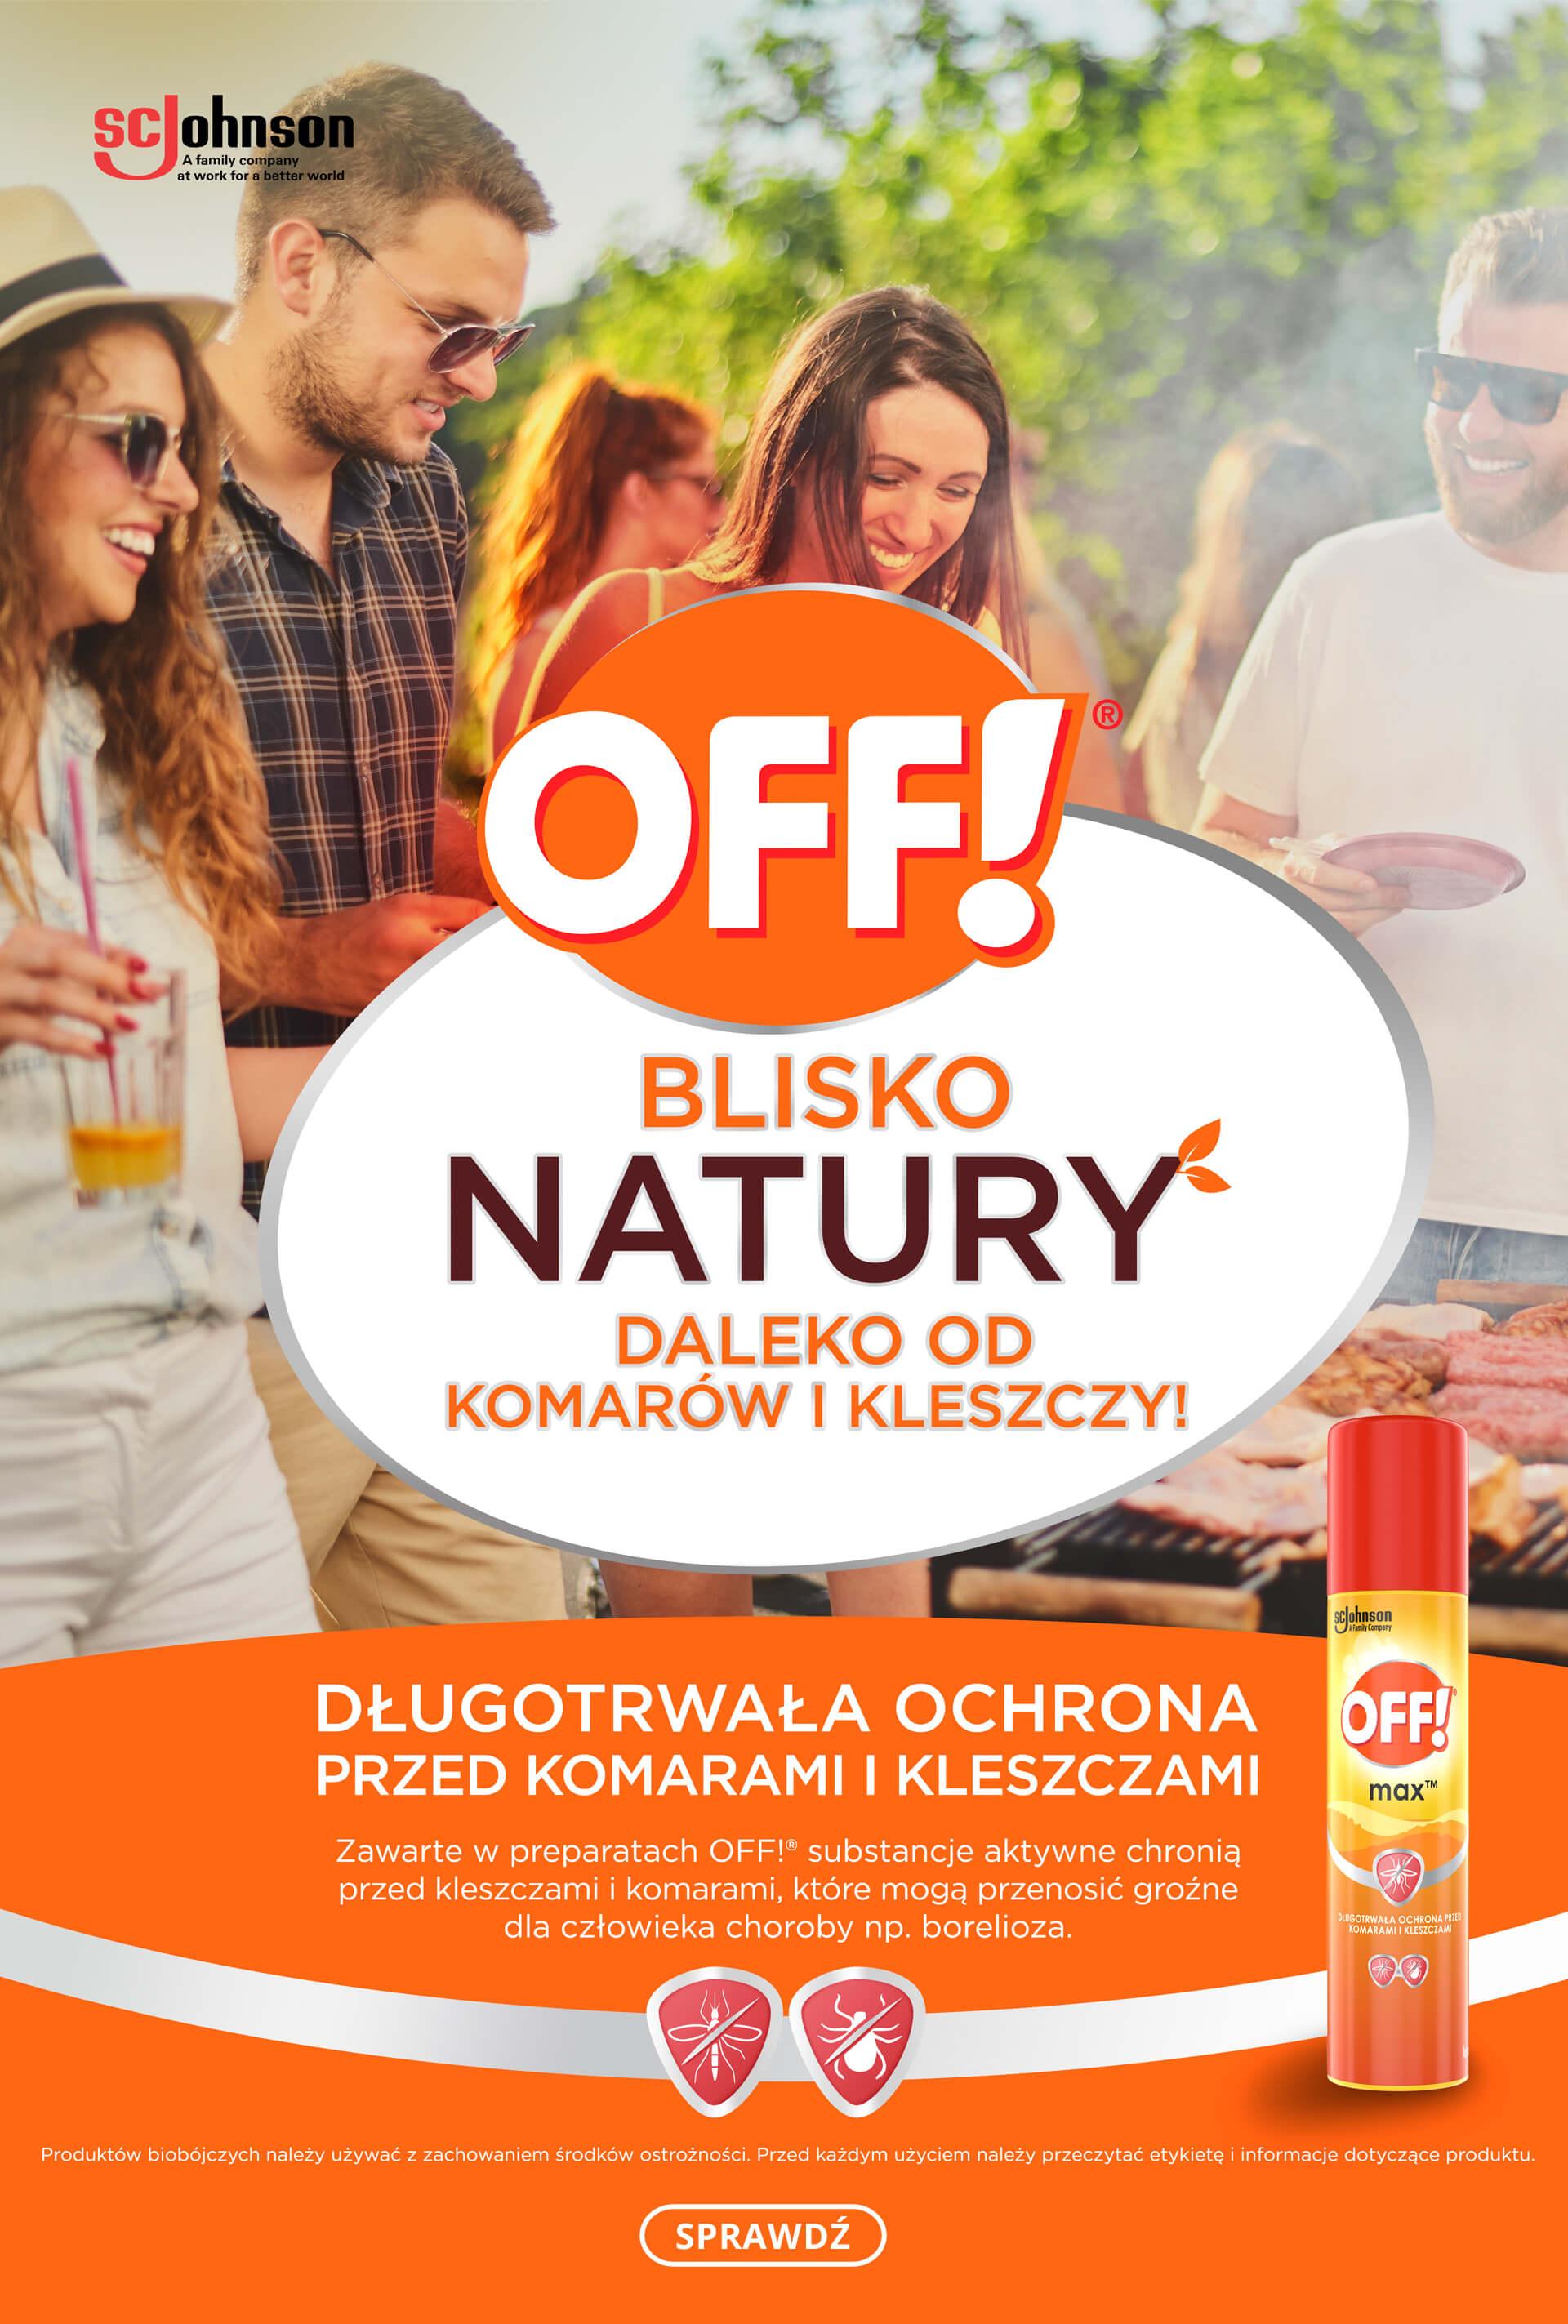 OFF! Blisko Natury - Daleko od komarow i kleszczy